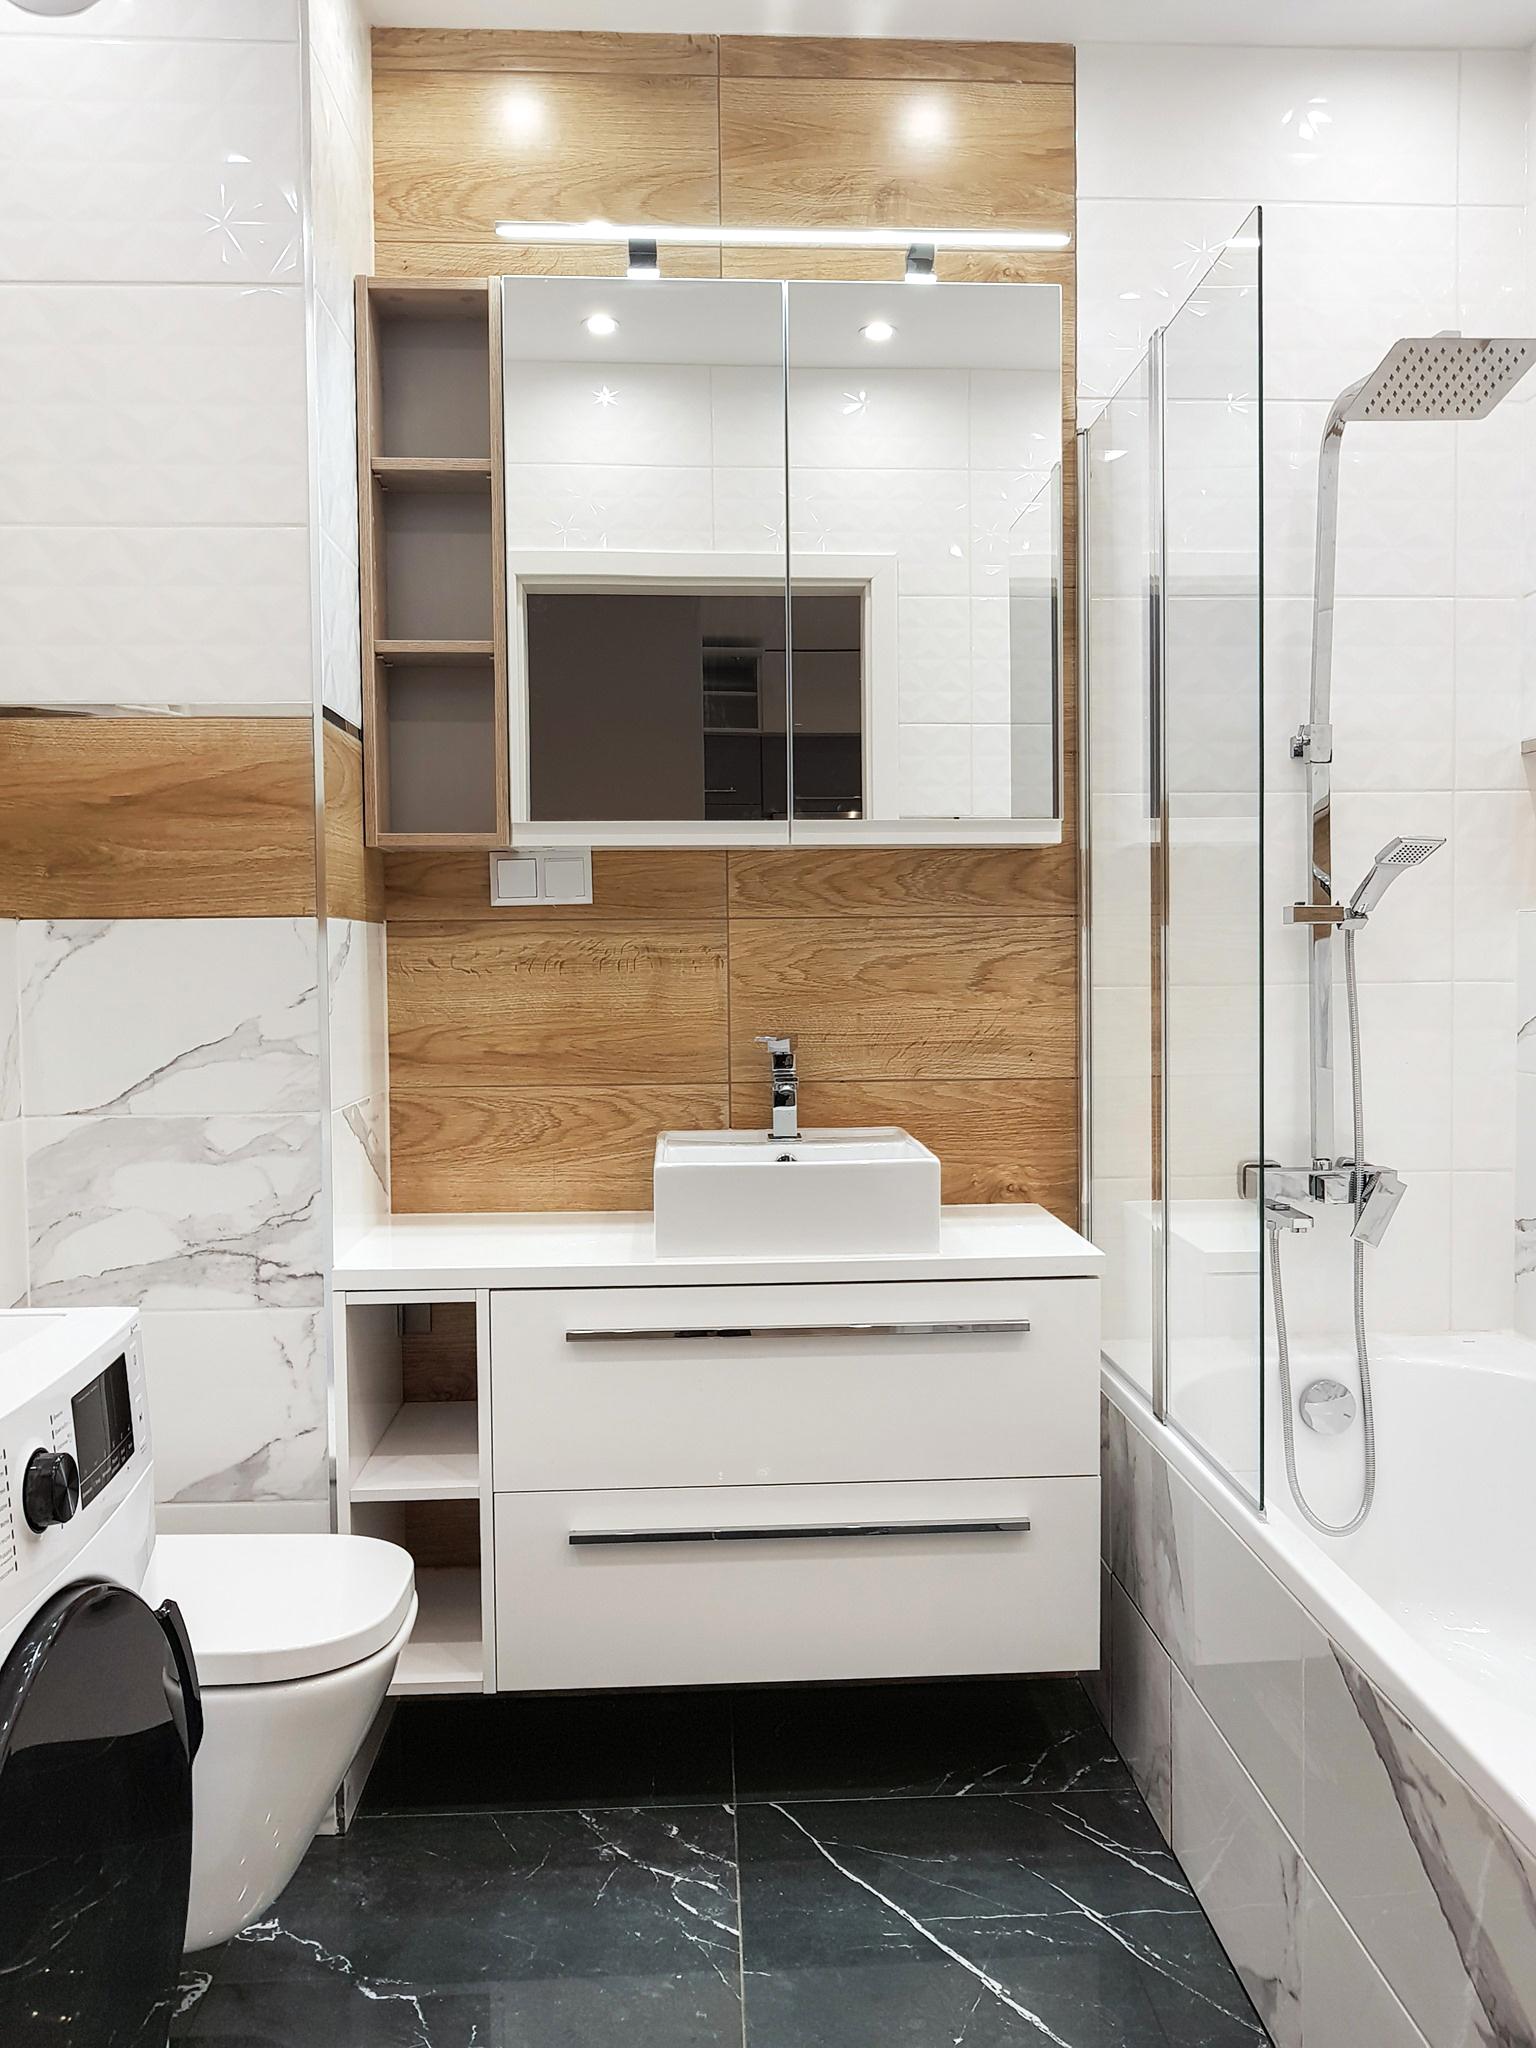 łazienka w drewnie bieli i marmurze